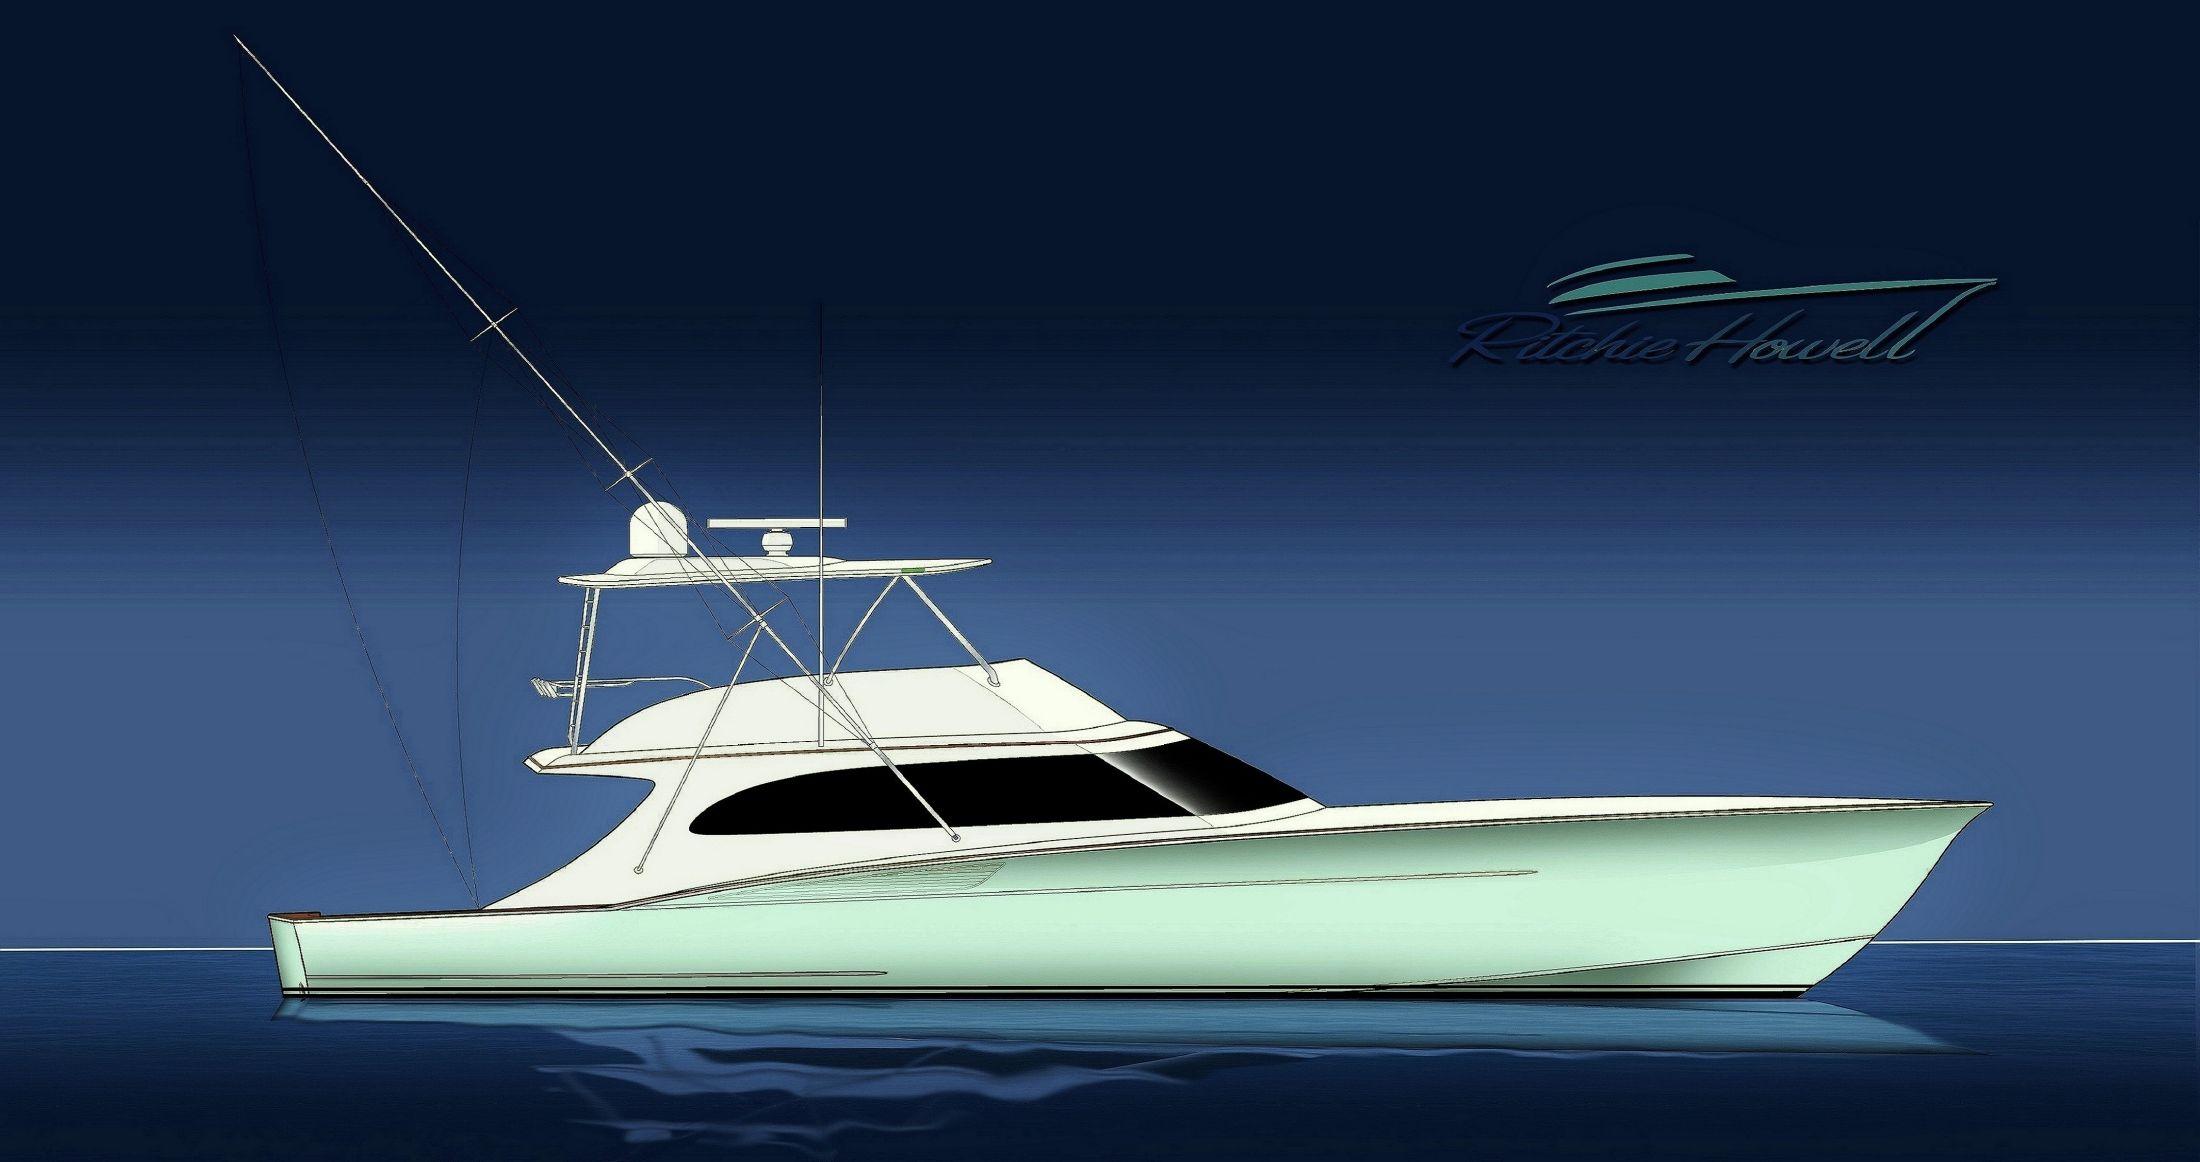 2019 Ritchie Howell Custom Carolina Sportfish Power Boat For Sale Wwwyachtworldcom